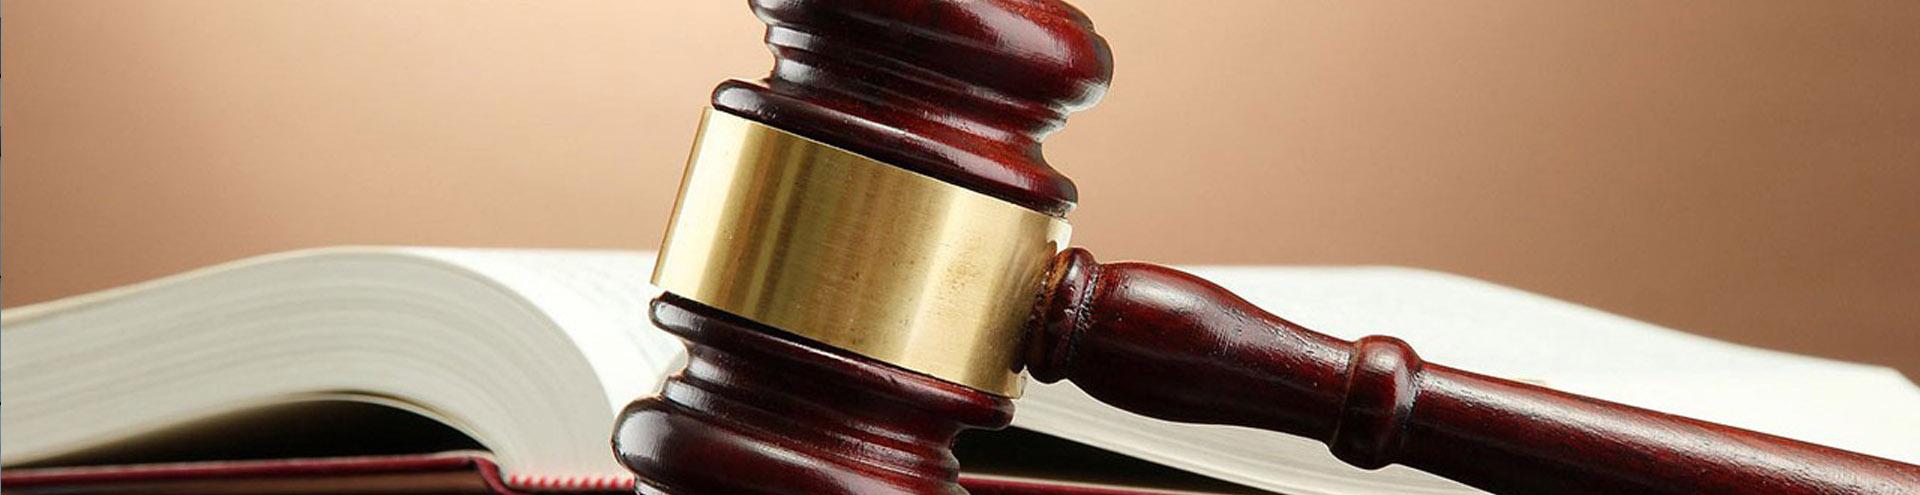 Подготовка жалобы, подготовка иска для подачи в суд в Нижнем Новгороде и Нижегородской области